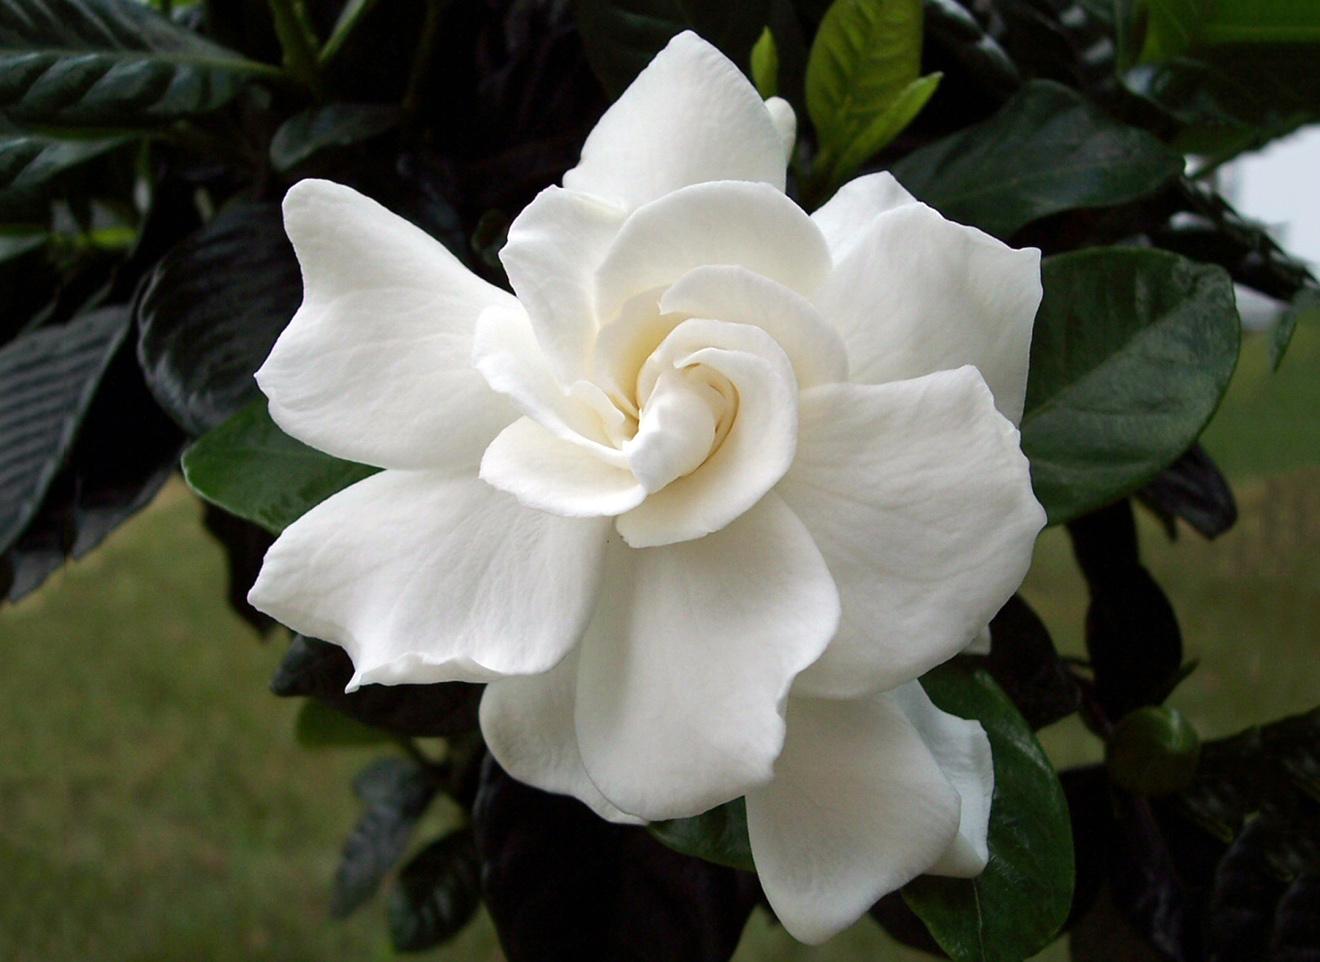 Besiskleidžiantis gardenijos žiedas iš arti